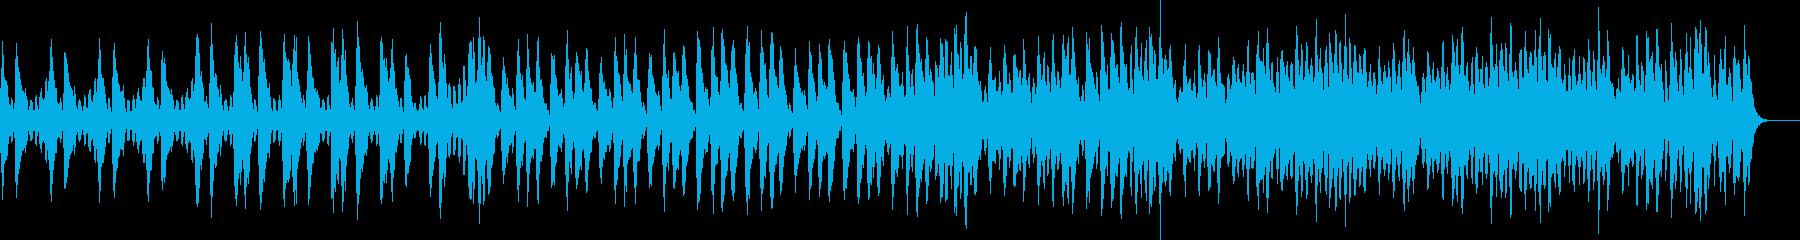 素早く作業を進めたくなるストリングス曲の再生済みの波形